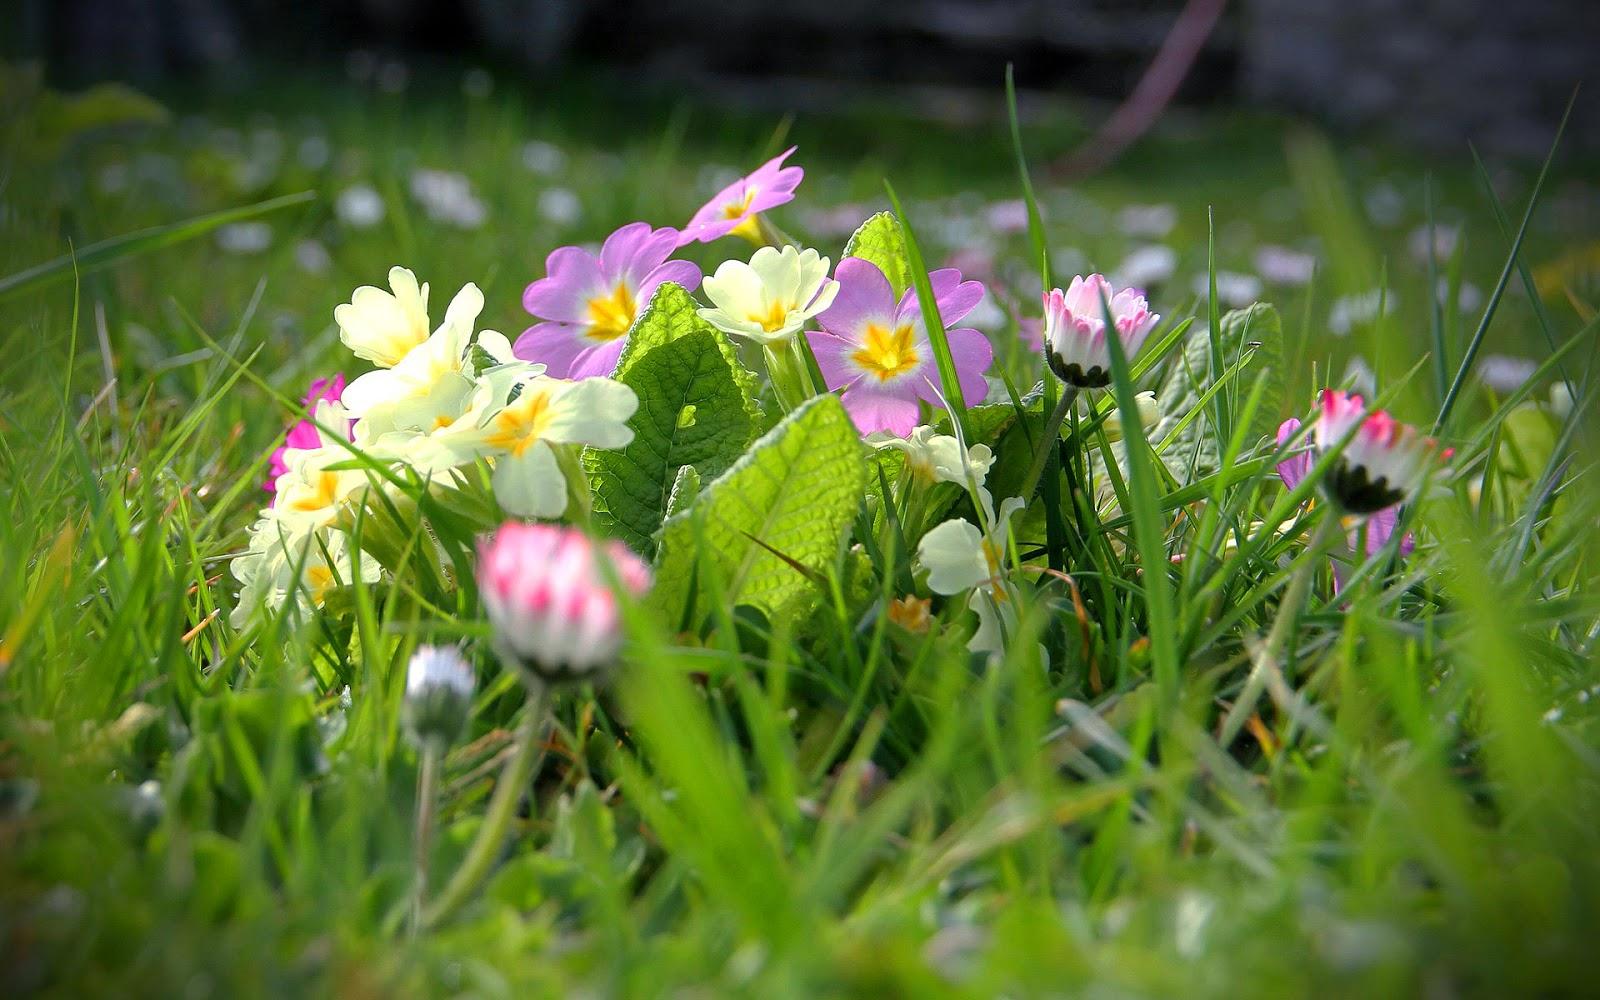 lente achtergronden hd - photo #47